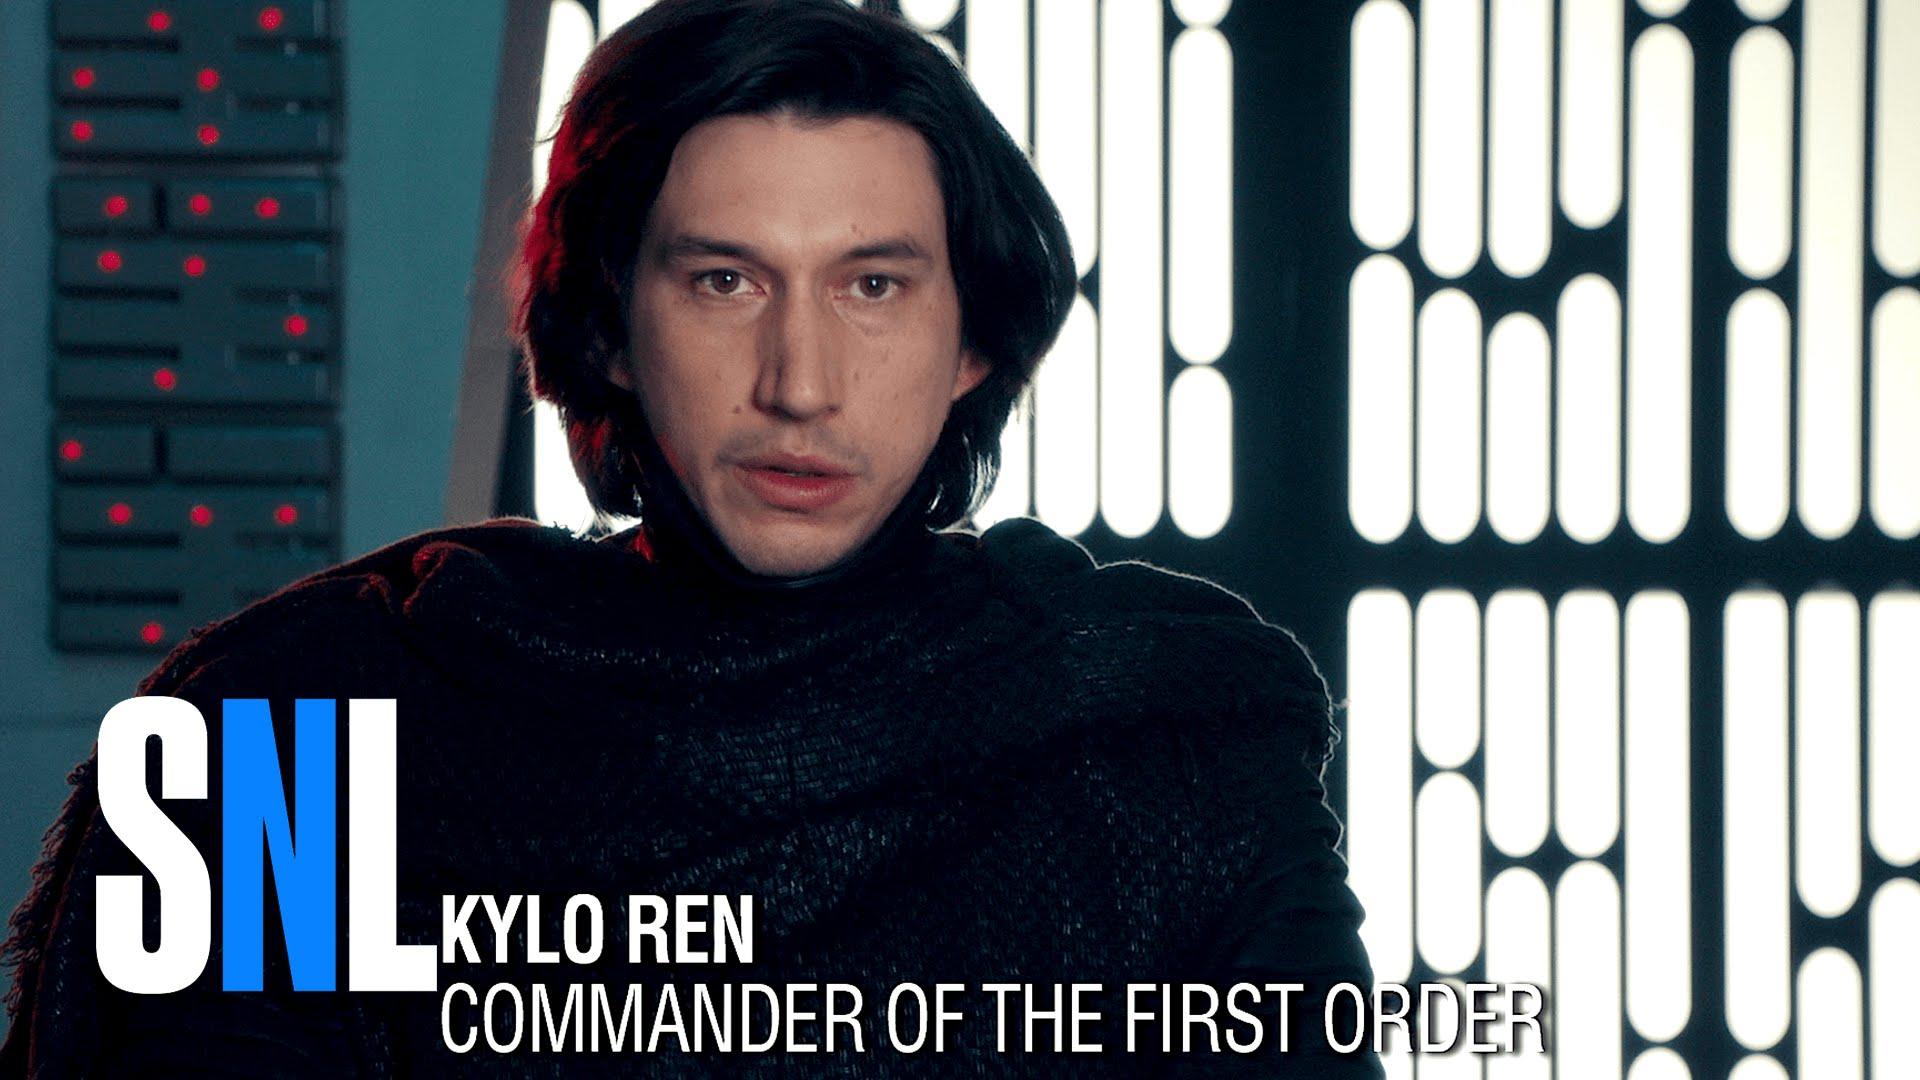 Τι γνώμη έχουν οι συνεργάτες του Kylo Ren για τον ίδιο;